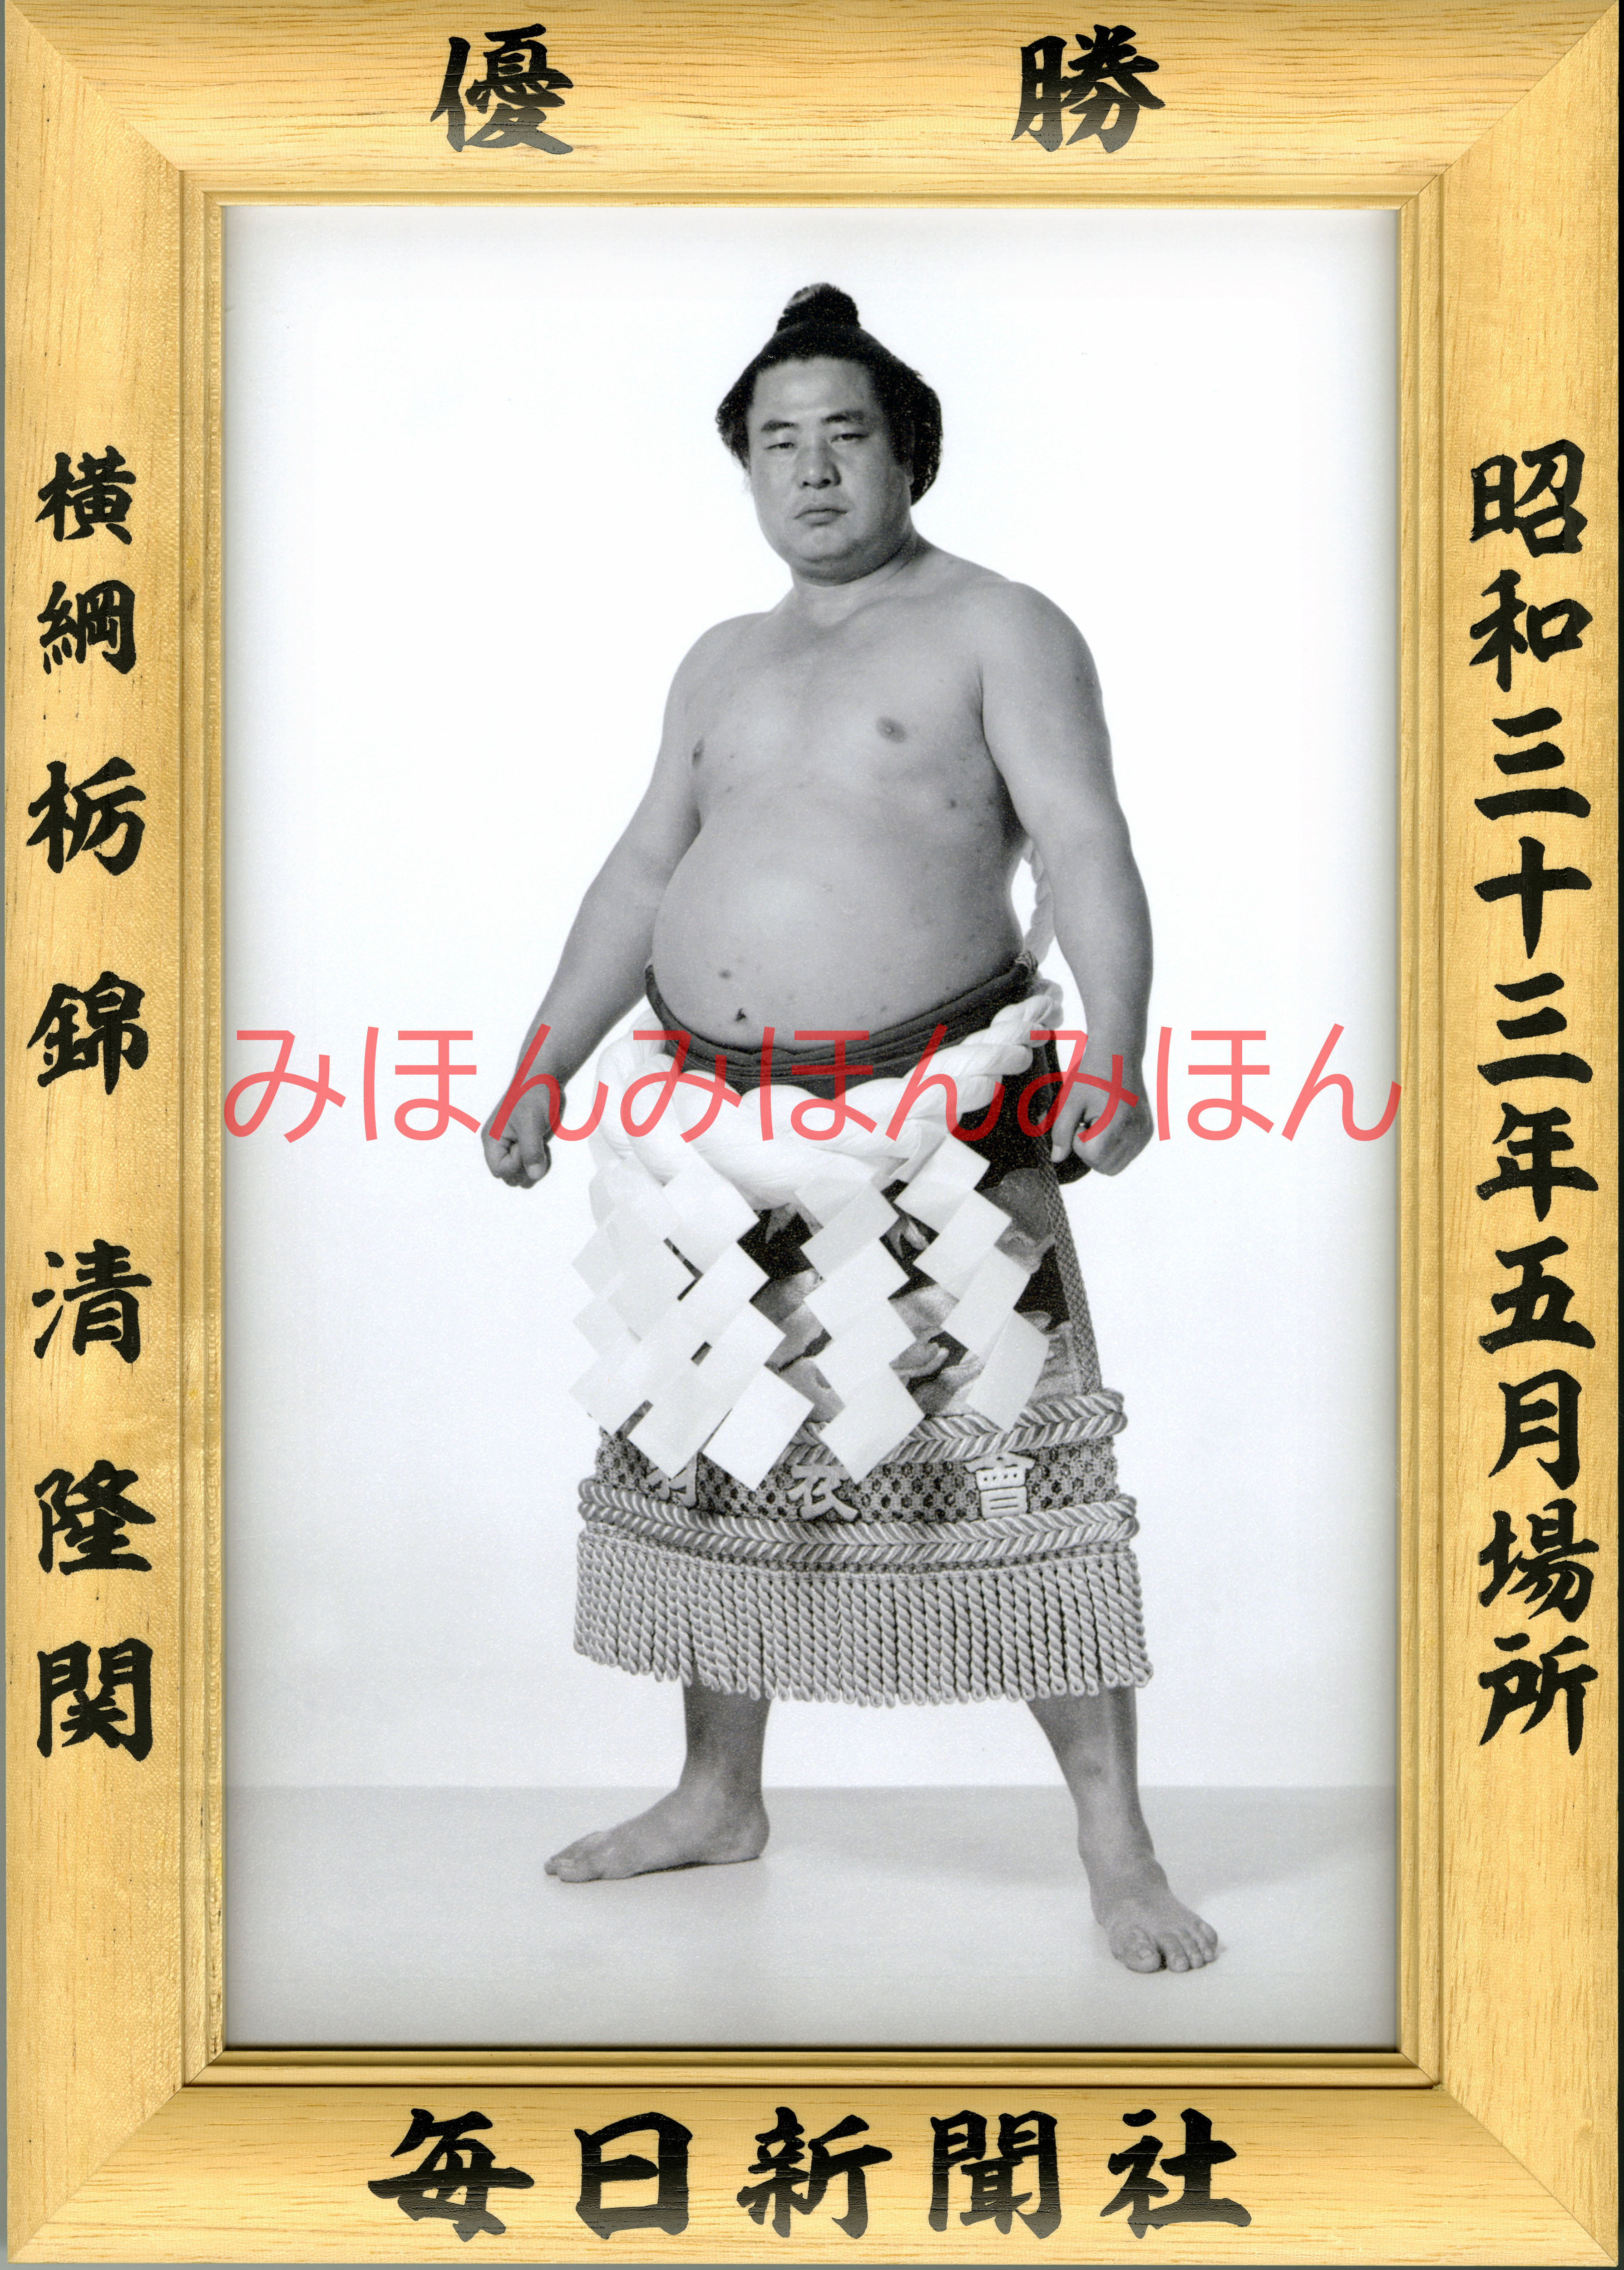 昭和33年5月場所優勝 横綱 栃錦清隆関(7回目の優勝)